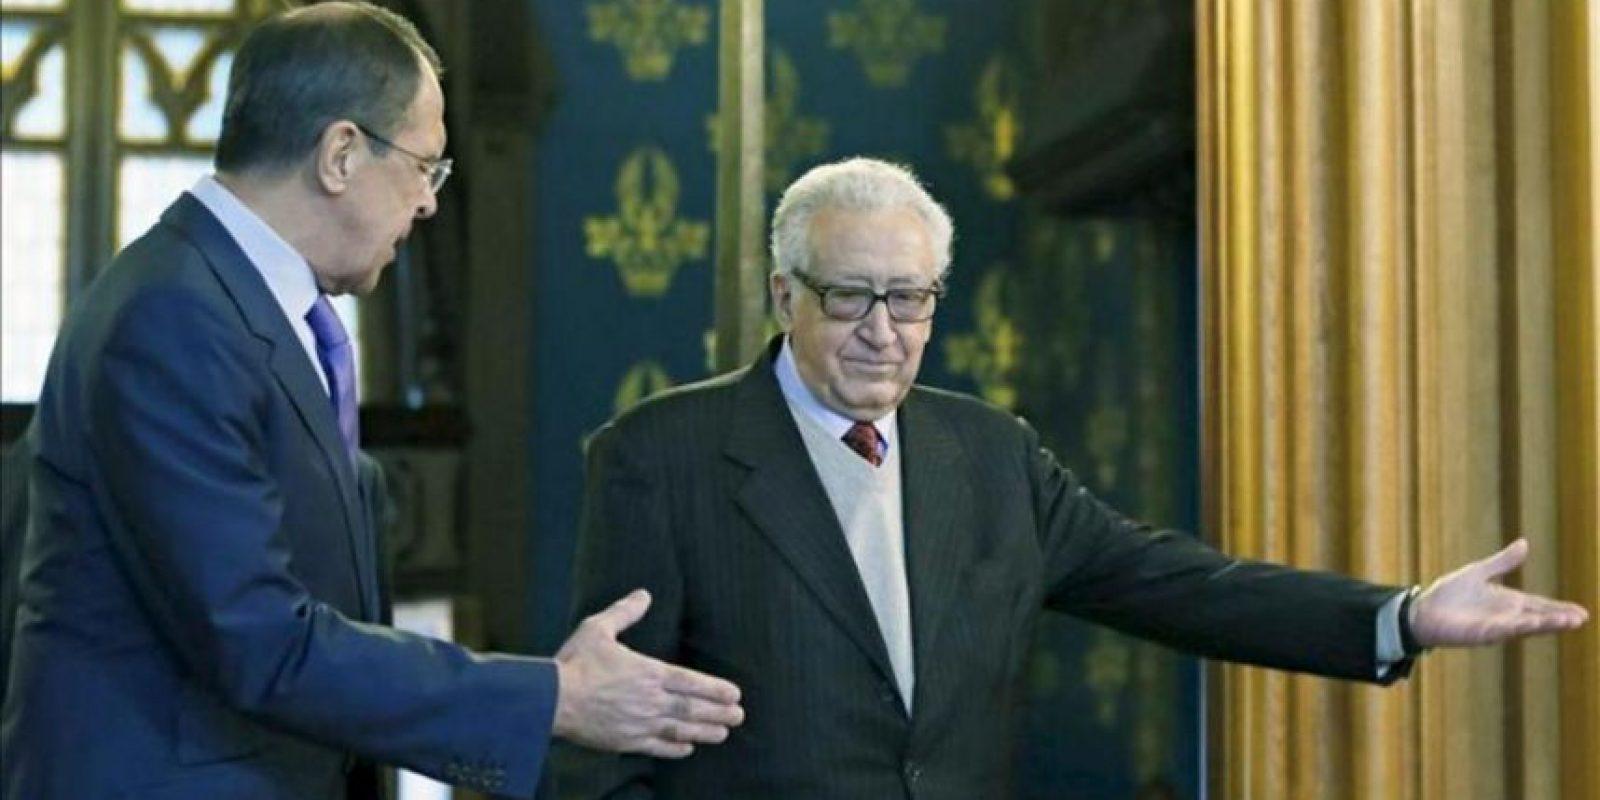 El ministro de Asuntos Exteriores ruso, Sergey Lavrov (izda) junto al líder de la Liga Árabe, y mediador internacional para Siria, Lajdar Brahimi, (dcha), en Moscú, Rusia, hoy 29 de diciembre de 2012. EFE